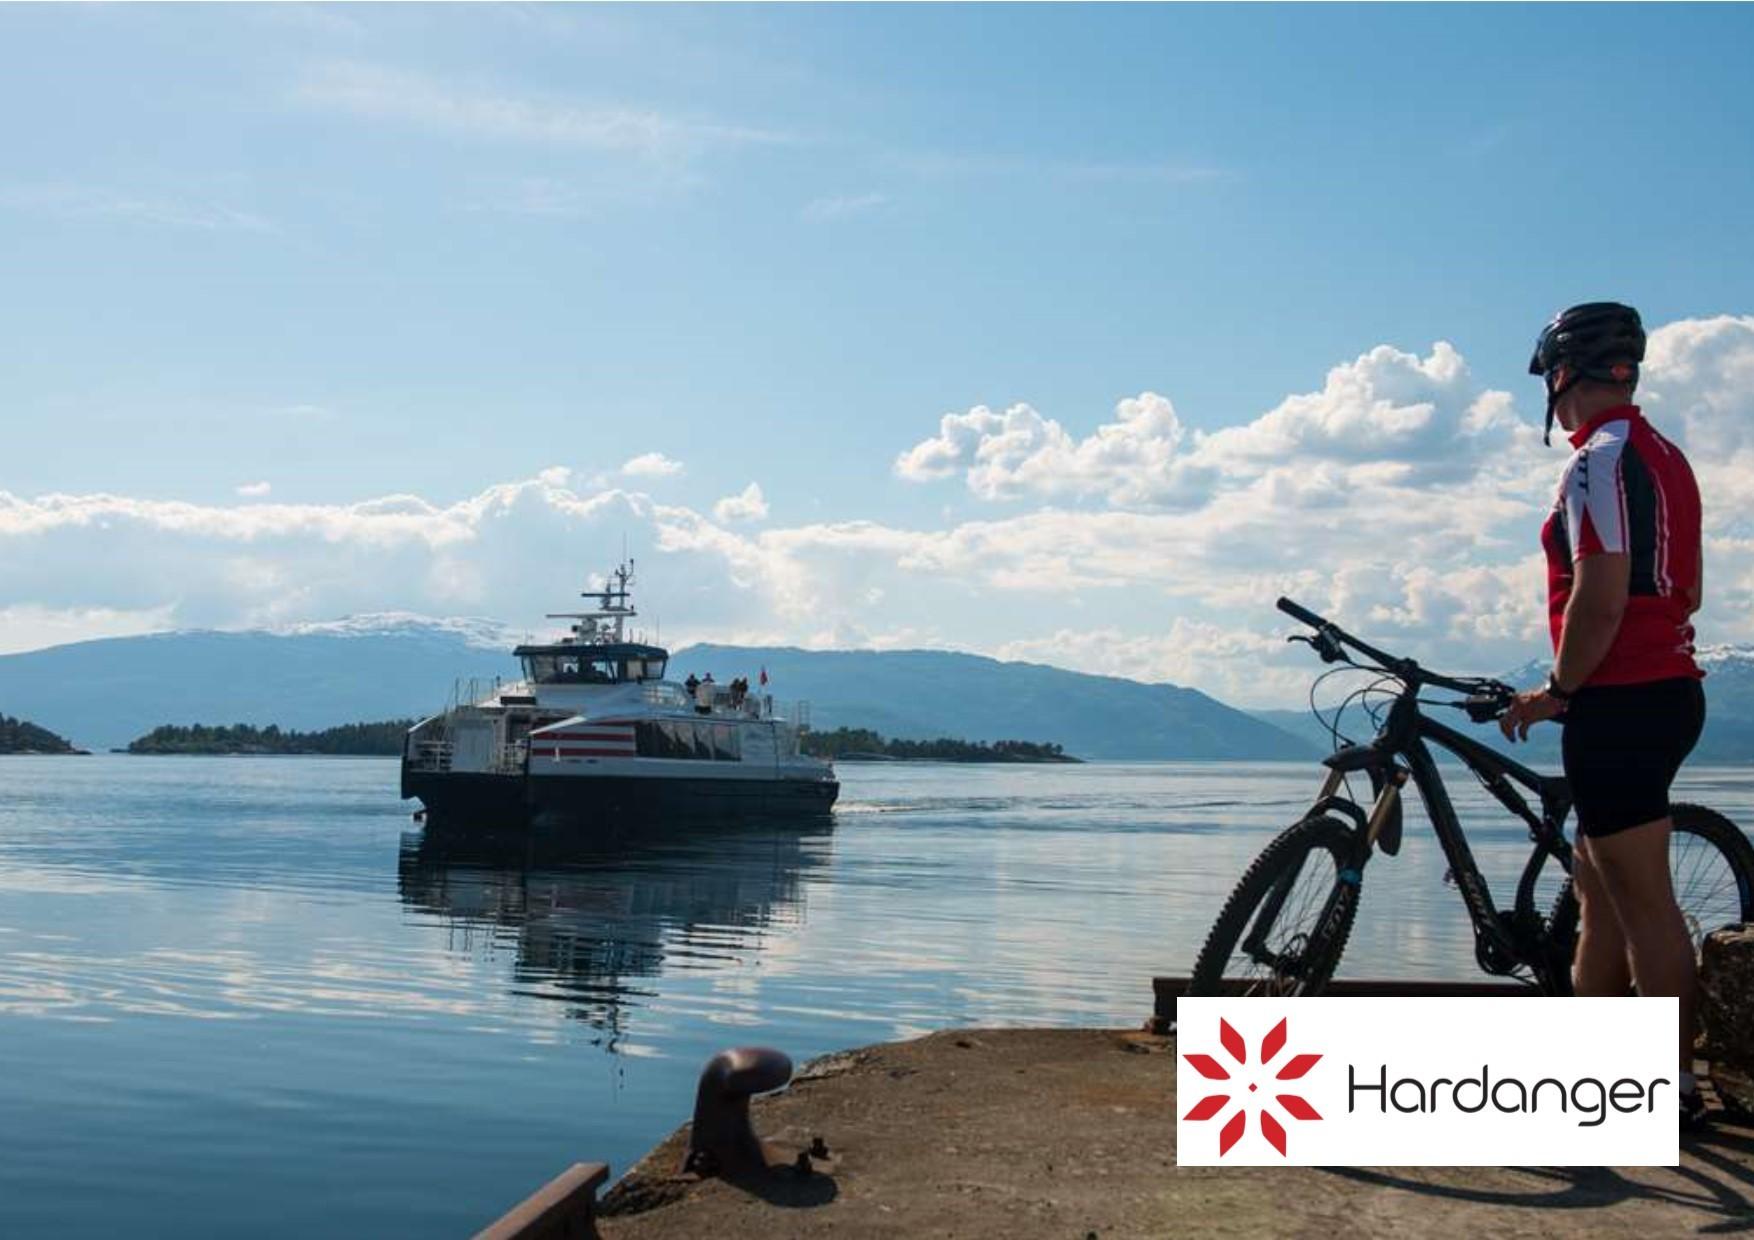 Hurtigbåt med logo.jpg